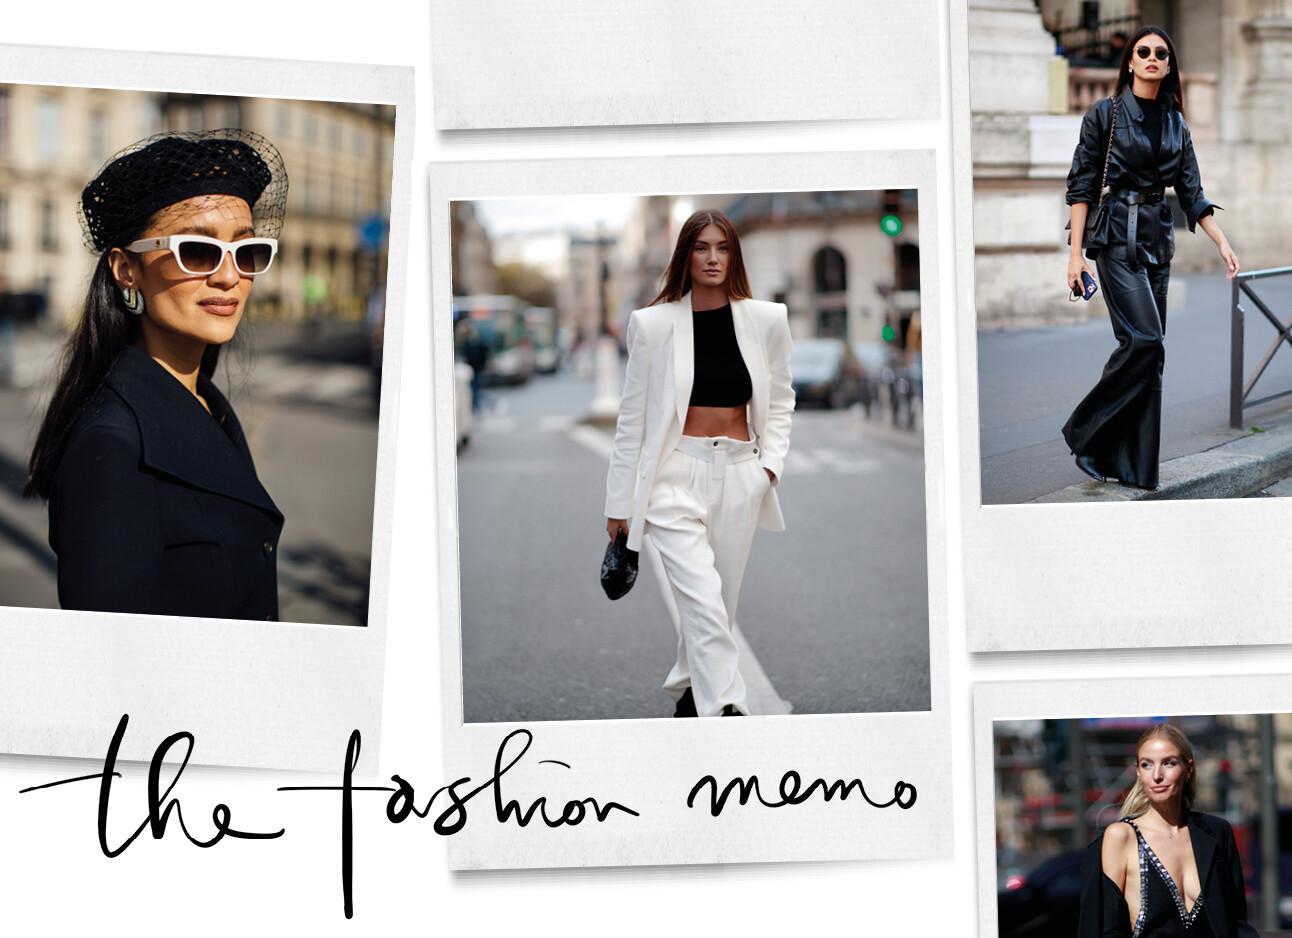 wat we kunnen leren van de Parisiennes tijdens fashion week